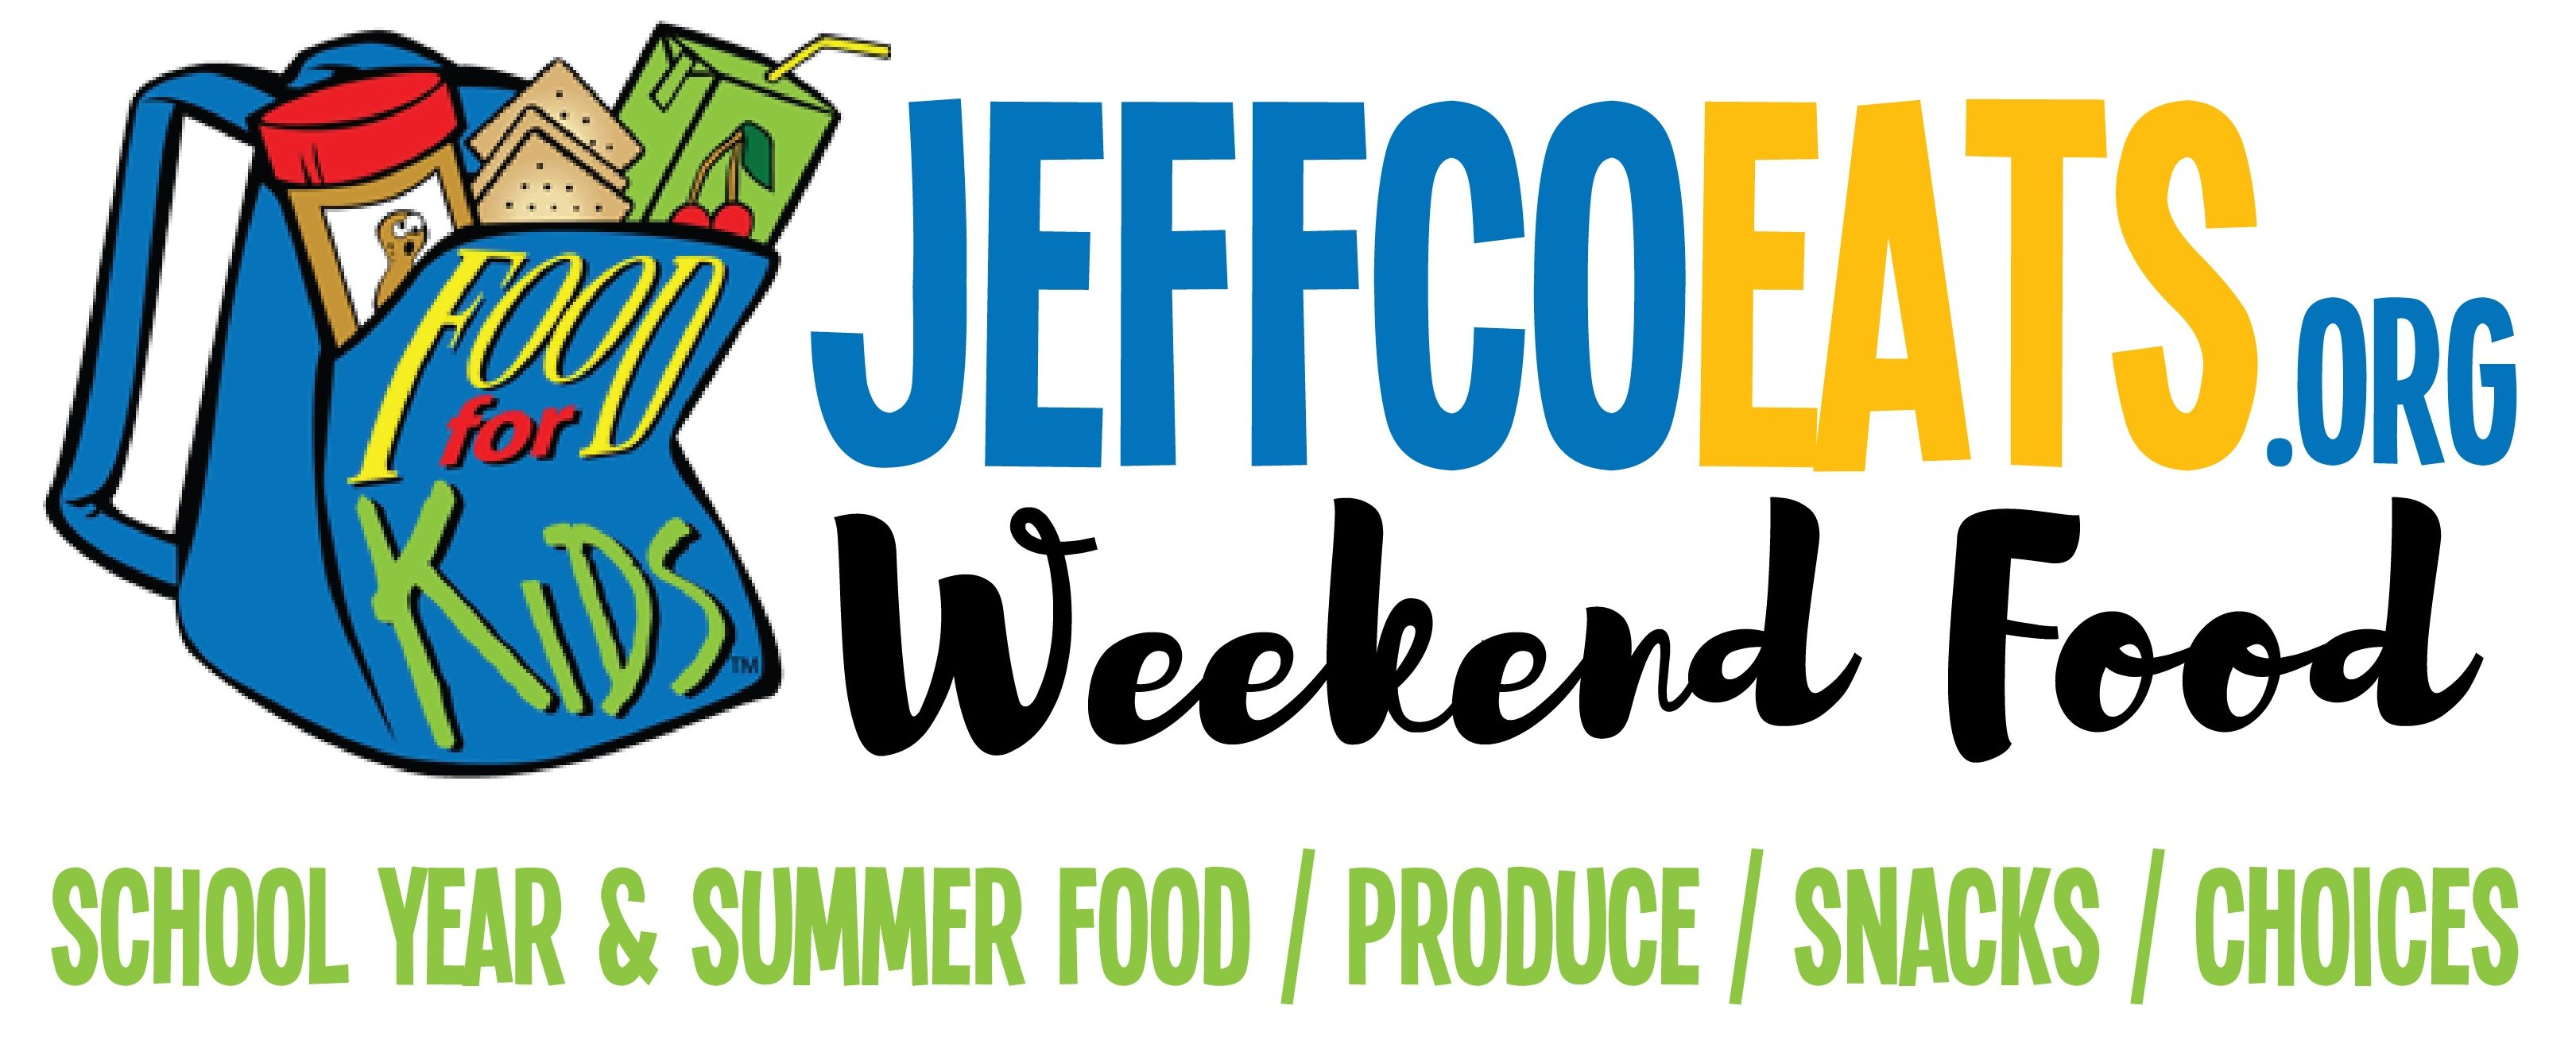 Jeffco Eats